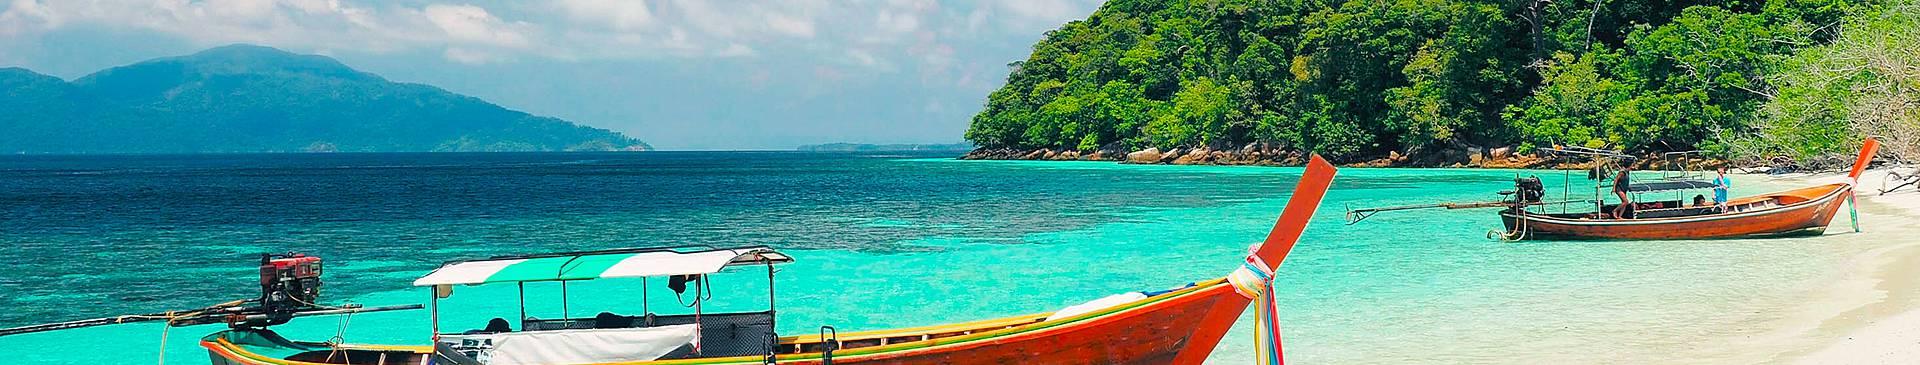 Voyage plage en Thaïlande